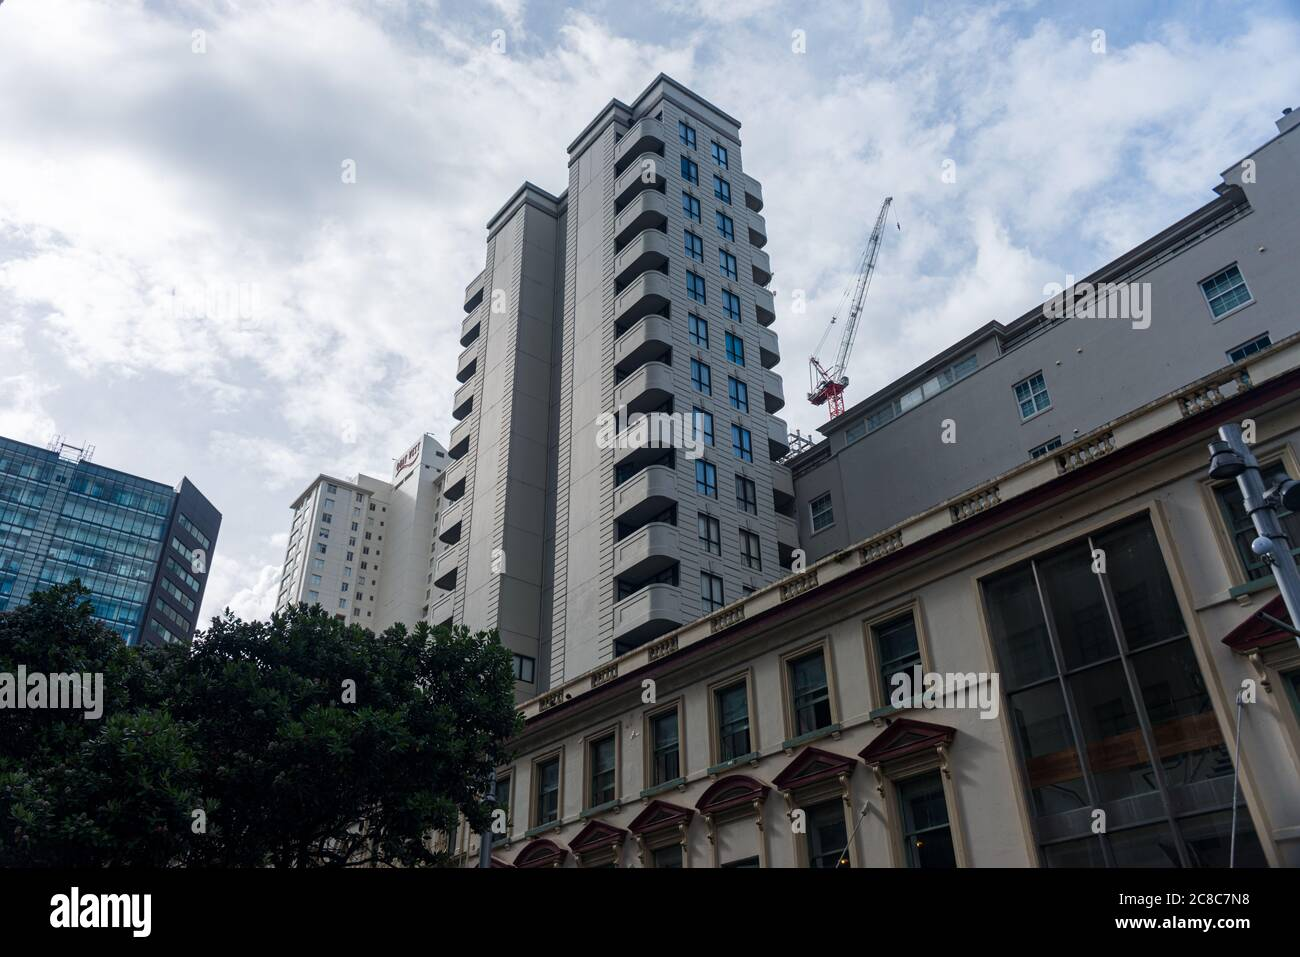 Gratte-ciels et rues du quartier des affaires d'Auckland, Nouvelle-Zélande Banque D'Images